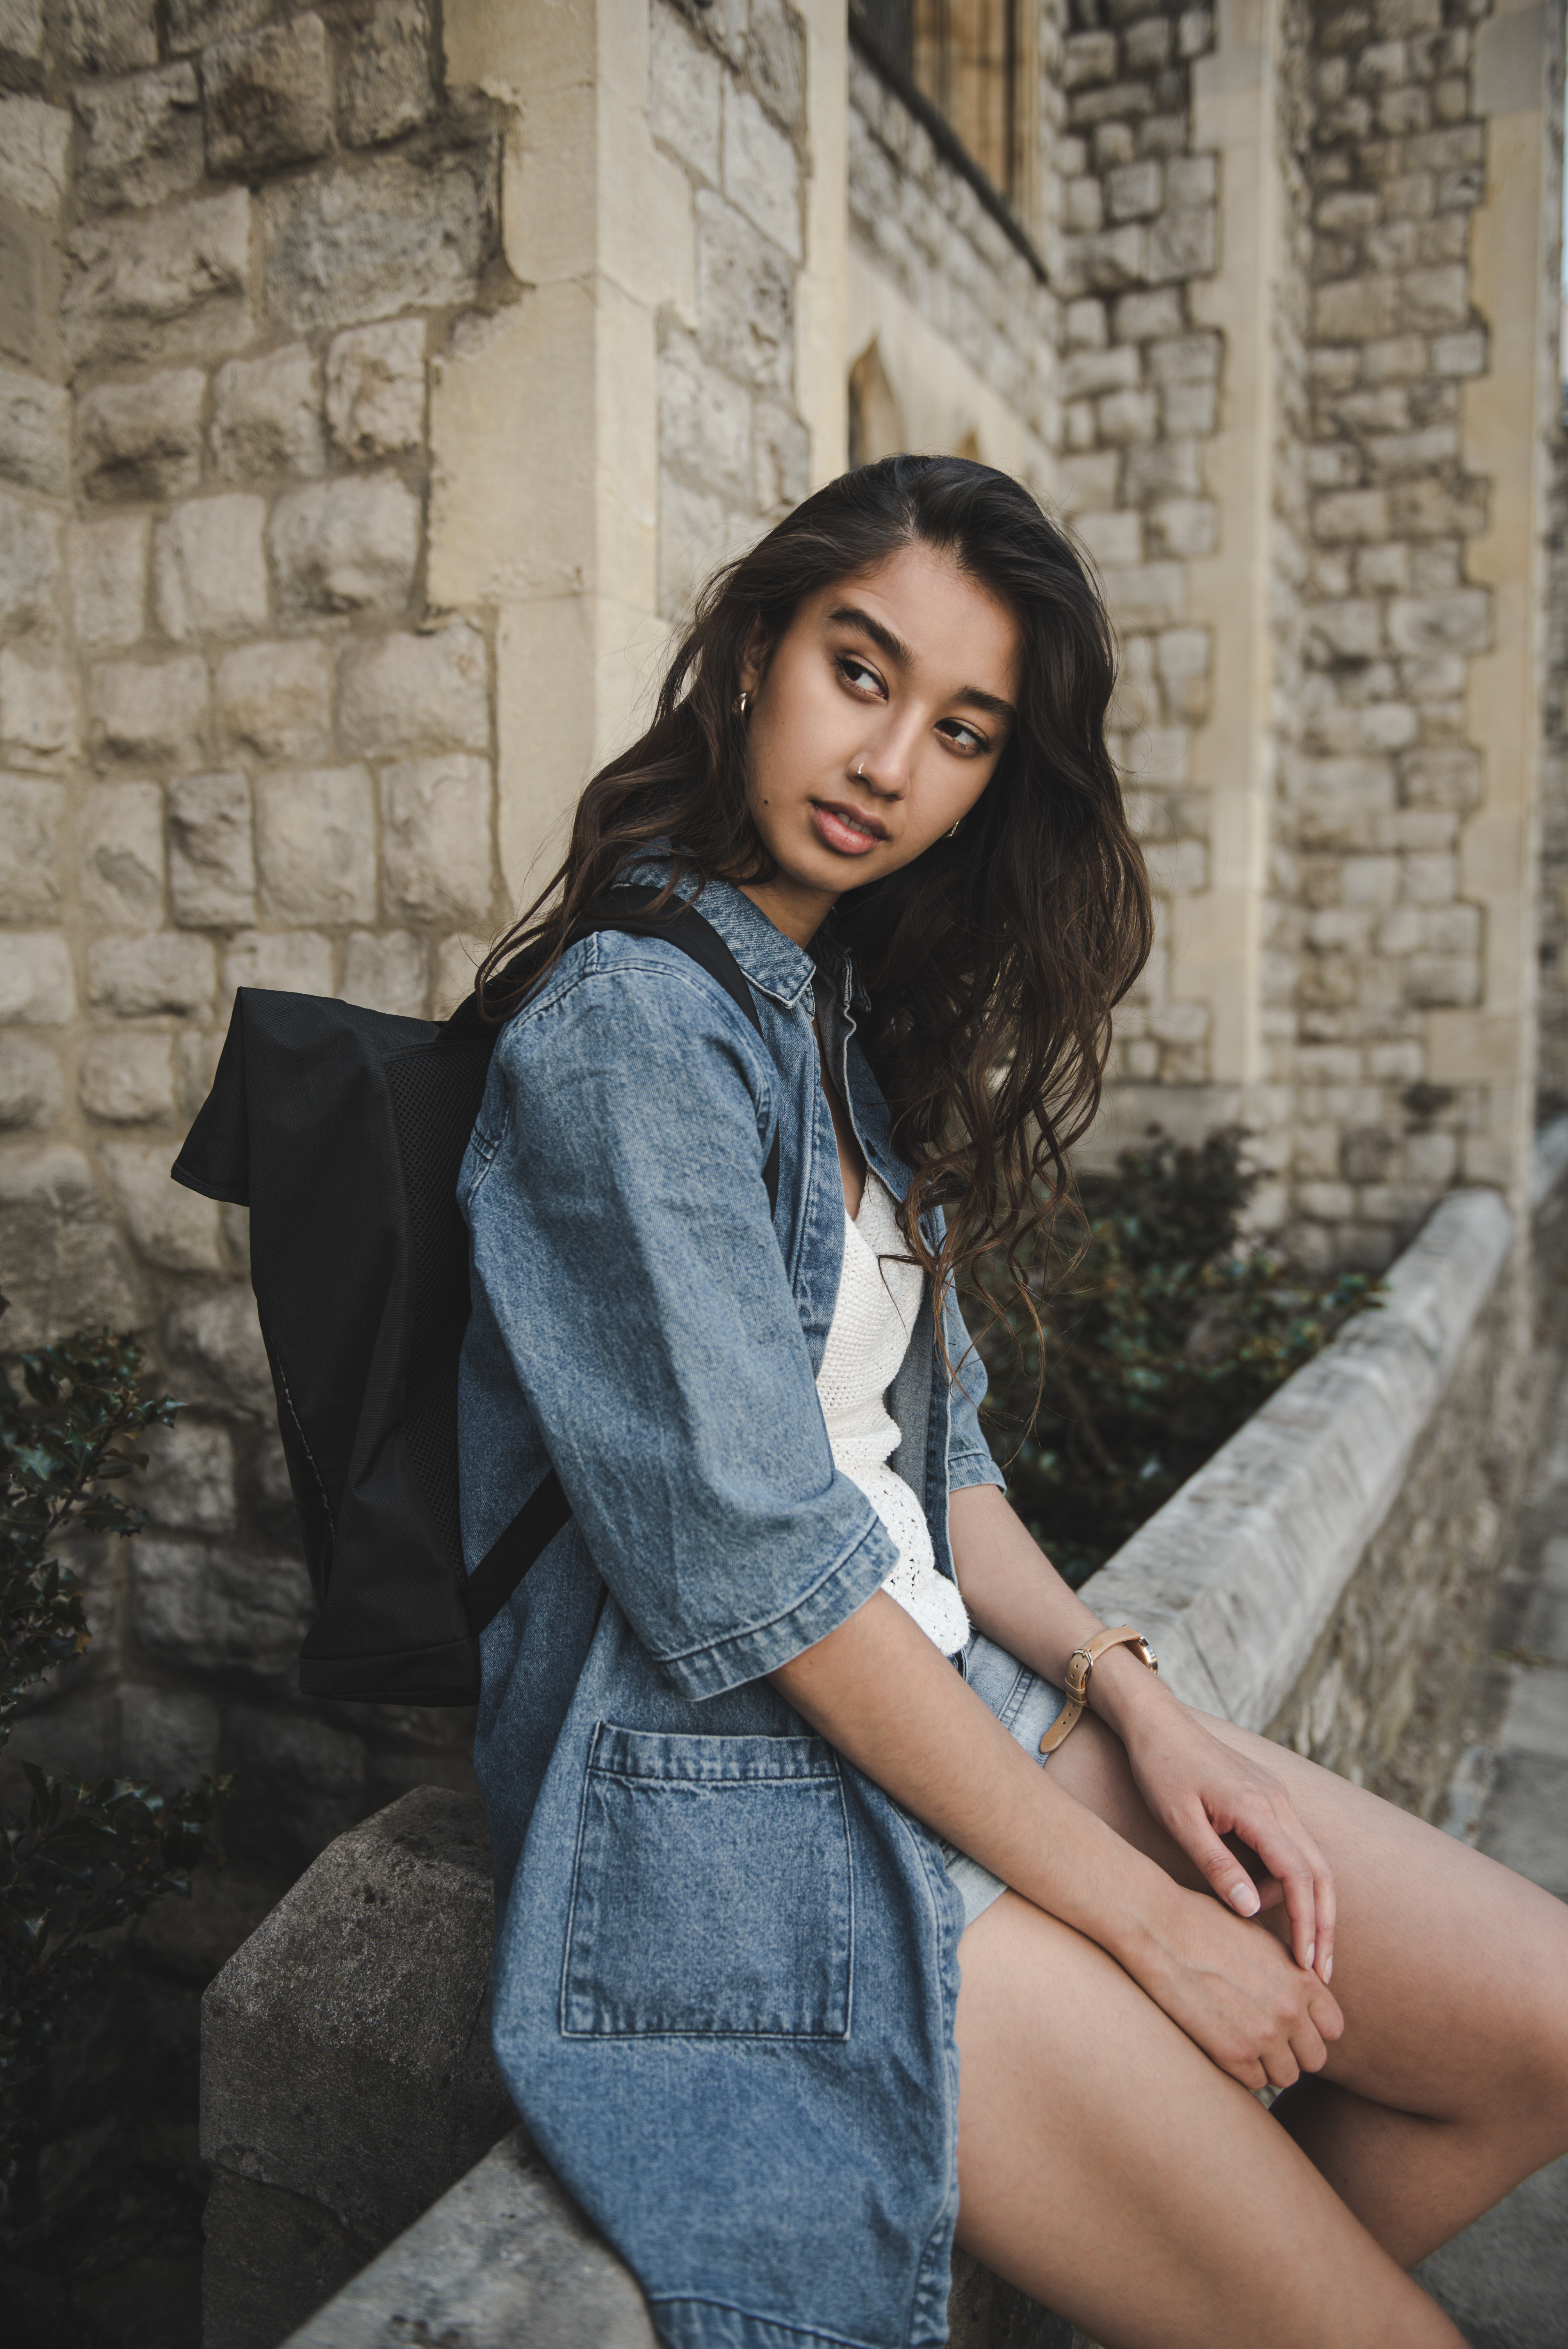 Shine-Female-Model-Annie-Asian-London-07JPG.JPG#asset:52842